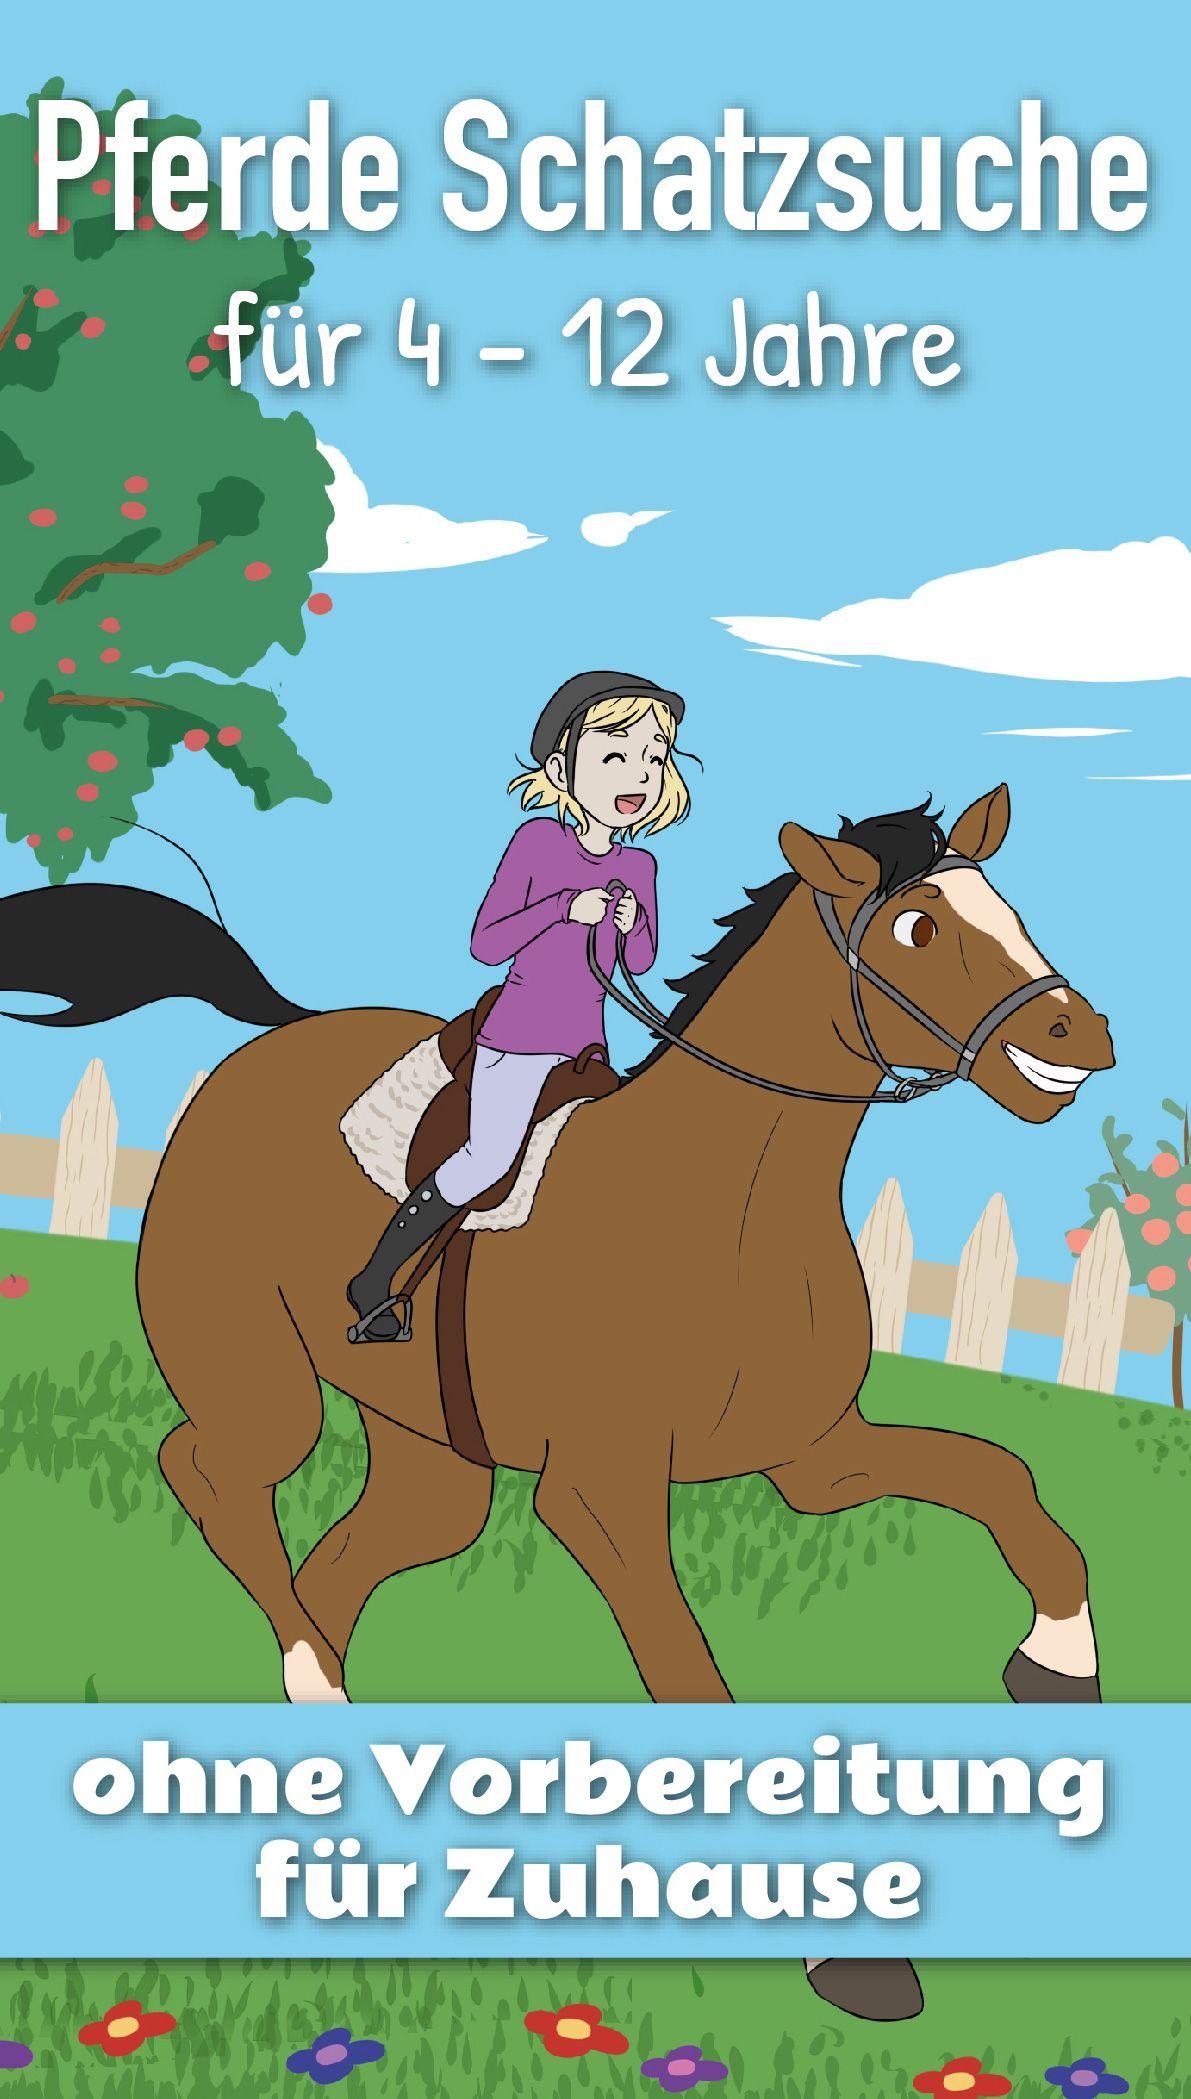 Pferde Schatzsuche für 4 – 12 Jahre: OHNE VORBEREITUNG